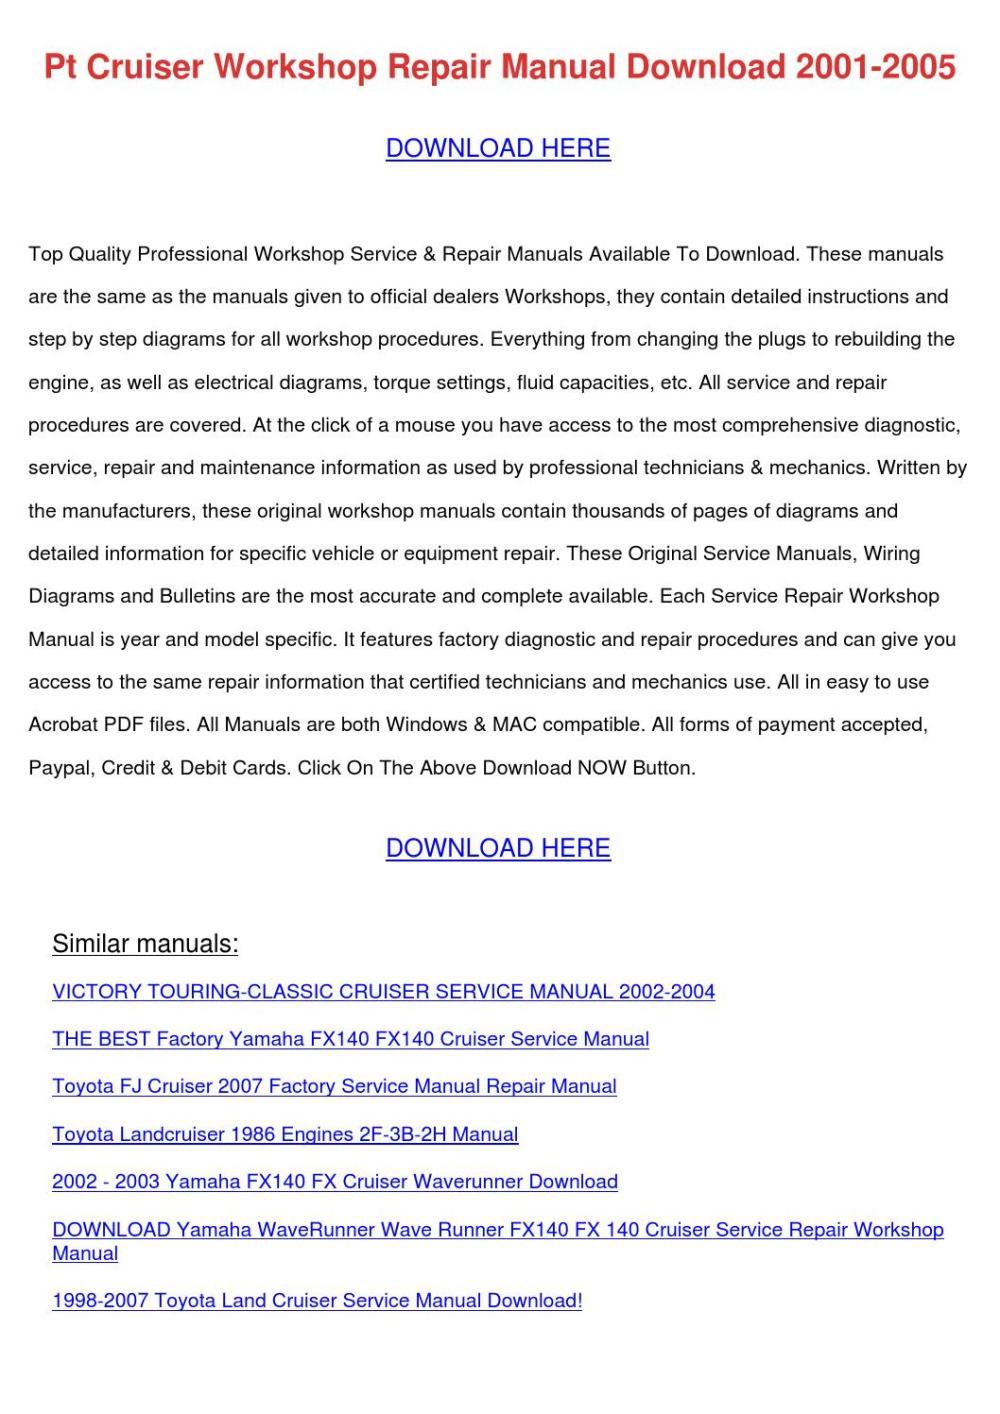 medium resolution of pt cruiser workshop repair manual download 20